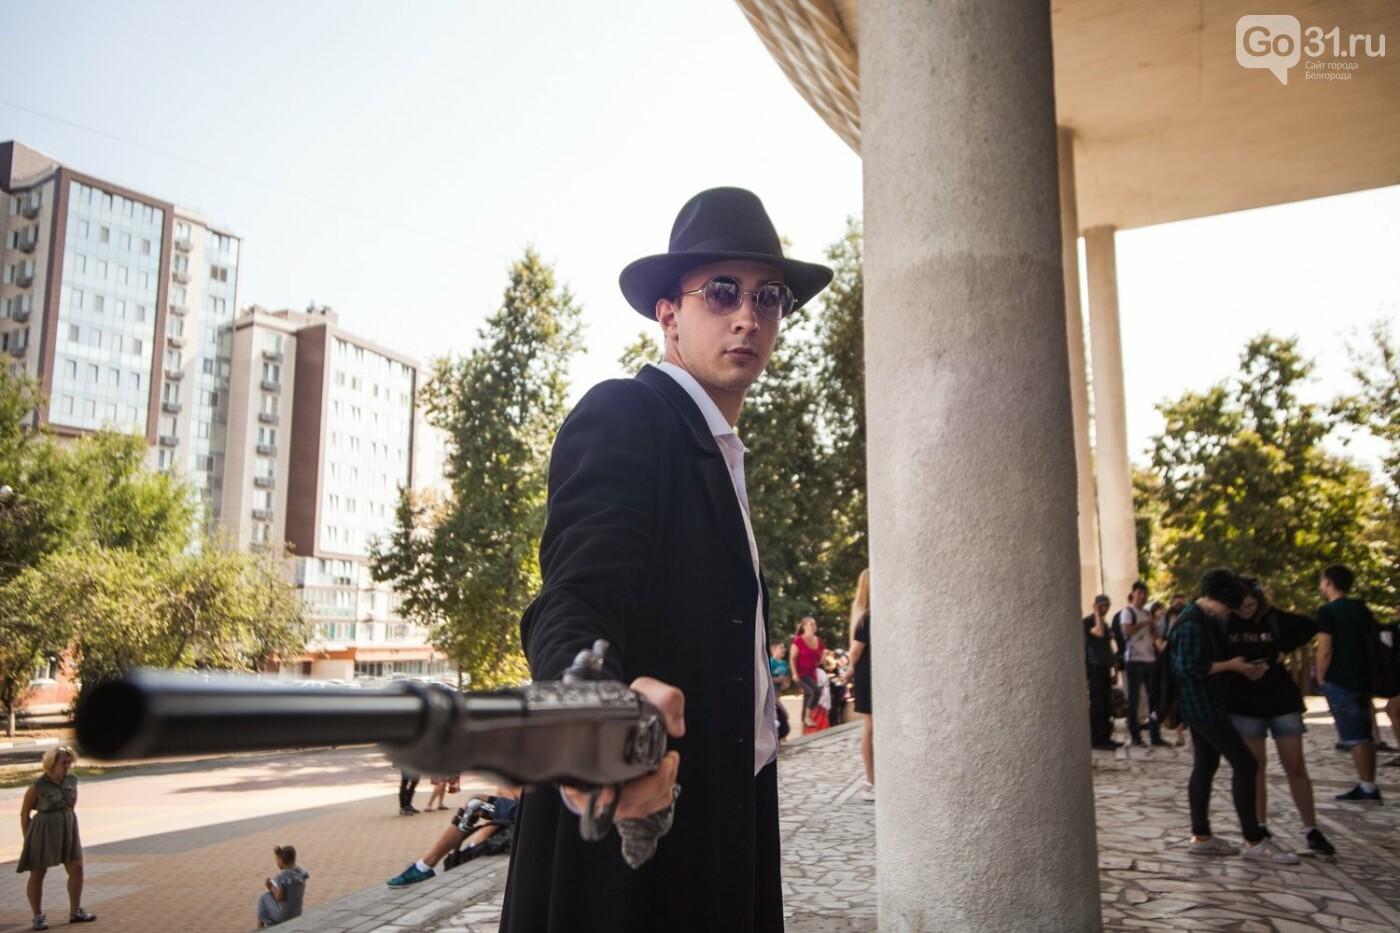 Аниме-фестиваль в Белгороде собрал российских косплейщиков, фото-12